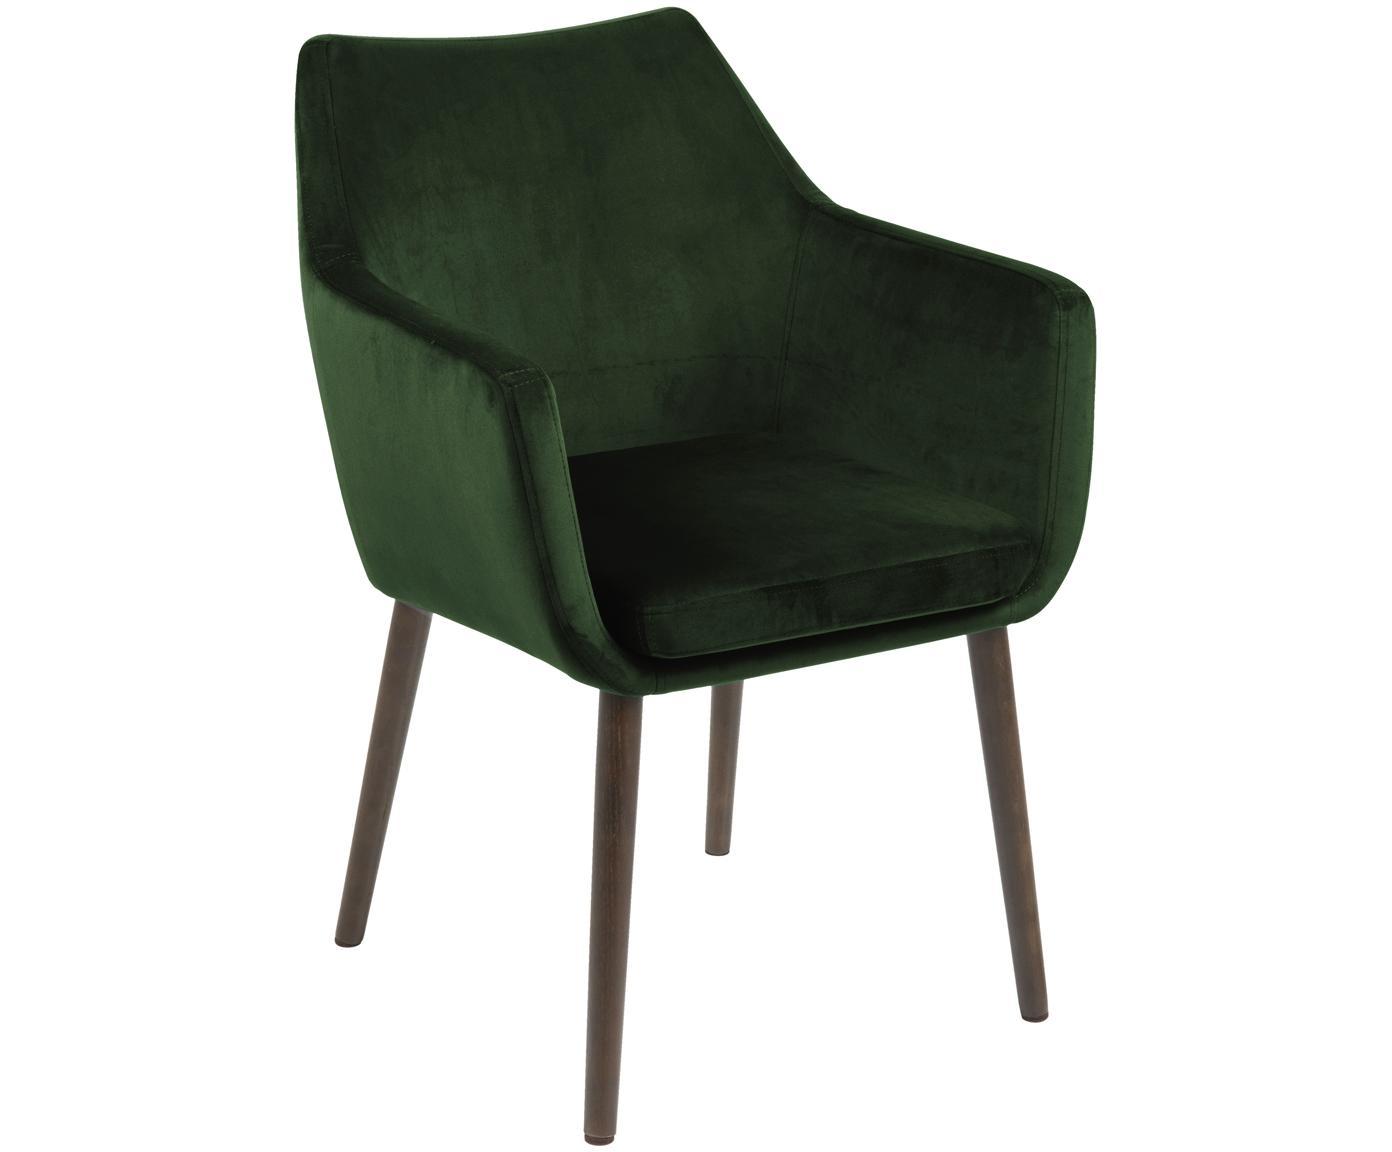 Sedia con braccioli in velluto Nora, Rivestimento: poliestere (velluto), Gambe: legno di quercia vernicia, Velluto verde bosco, gambe marrone scuro, Larg. 58 x Prof. 58 cm